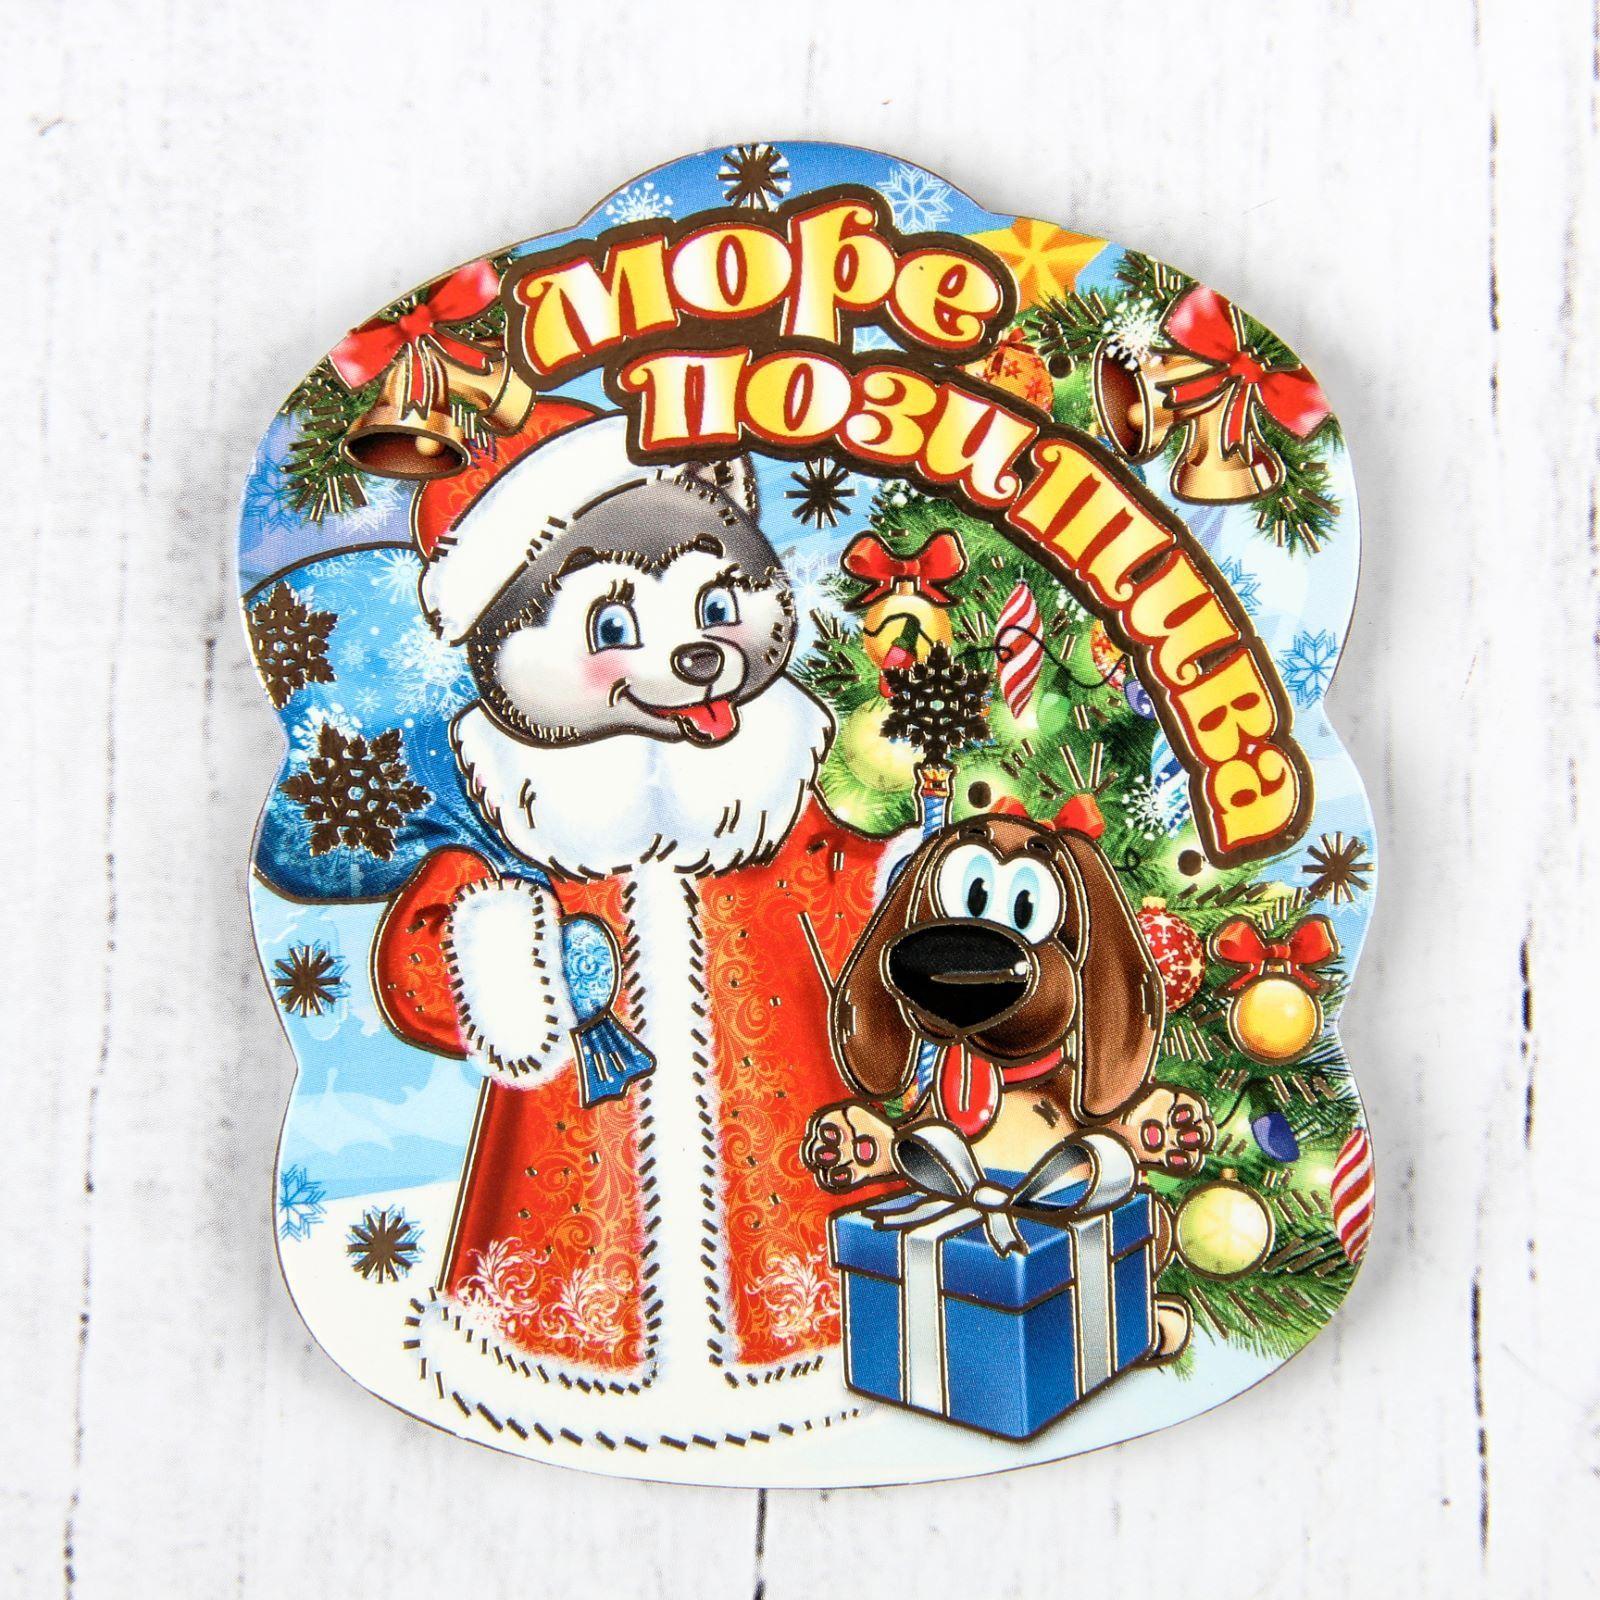 Магнит Sima-land Новогодний. 2018, 9 х 7,5 см. 25324412532441Порадуйте родных и близких оригинальным сувениром: преподнесите в подарок магнит. С ним даже самый серьёзный человек почувствует себя ребёнком, ожидающим чудо! Создайте праздничное настроение, и оно останется с вами на весь год.